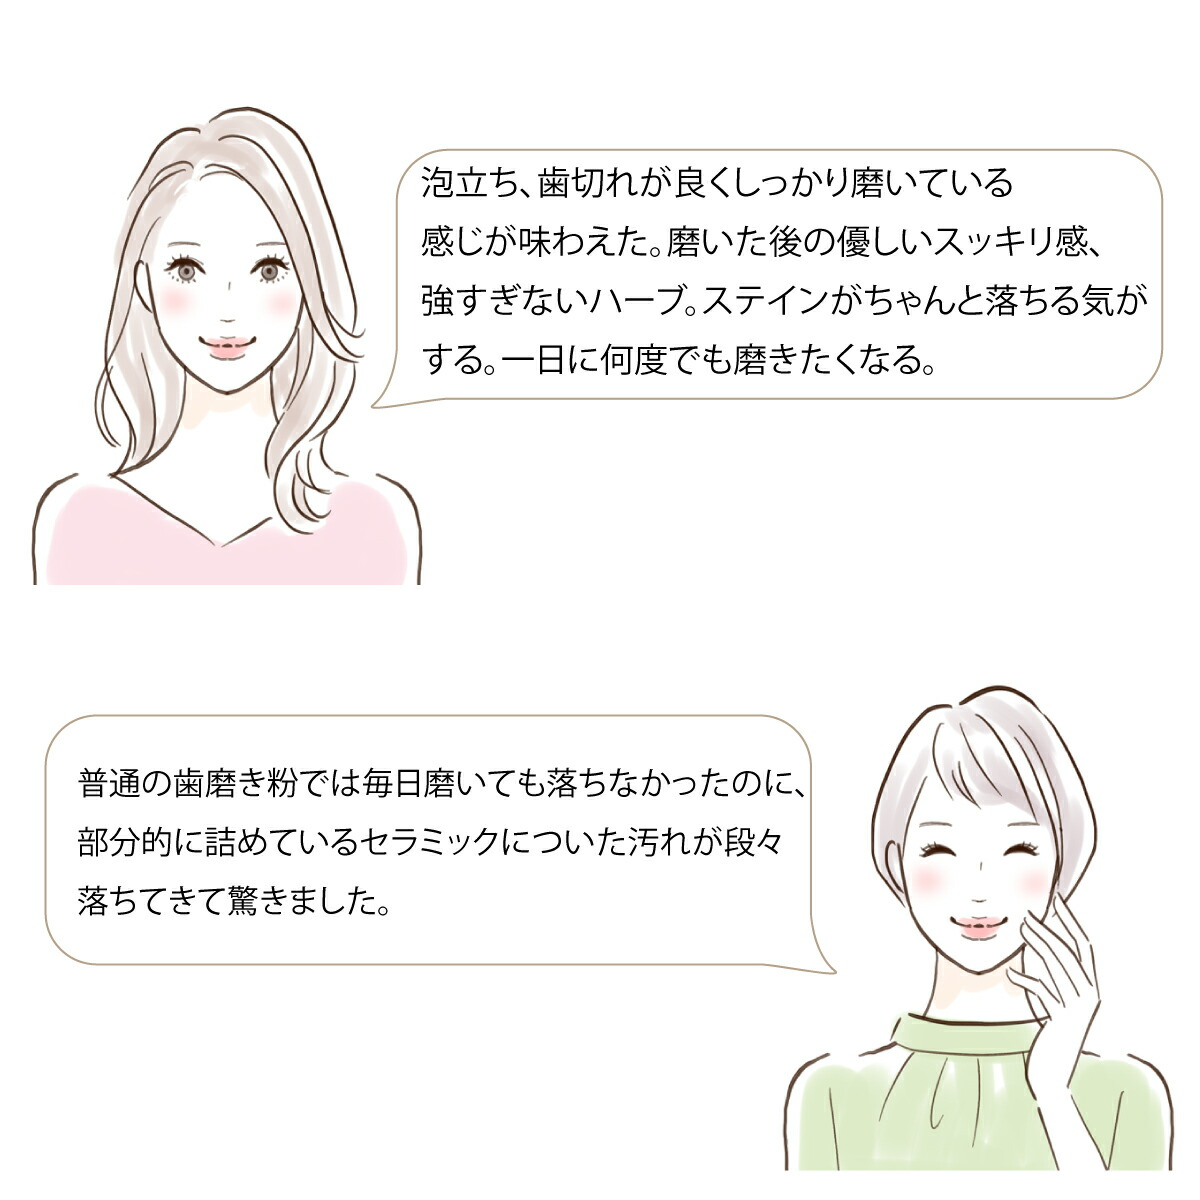 MASHIRO 薬用ホワイトニングパウダー ハーブミント